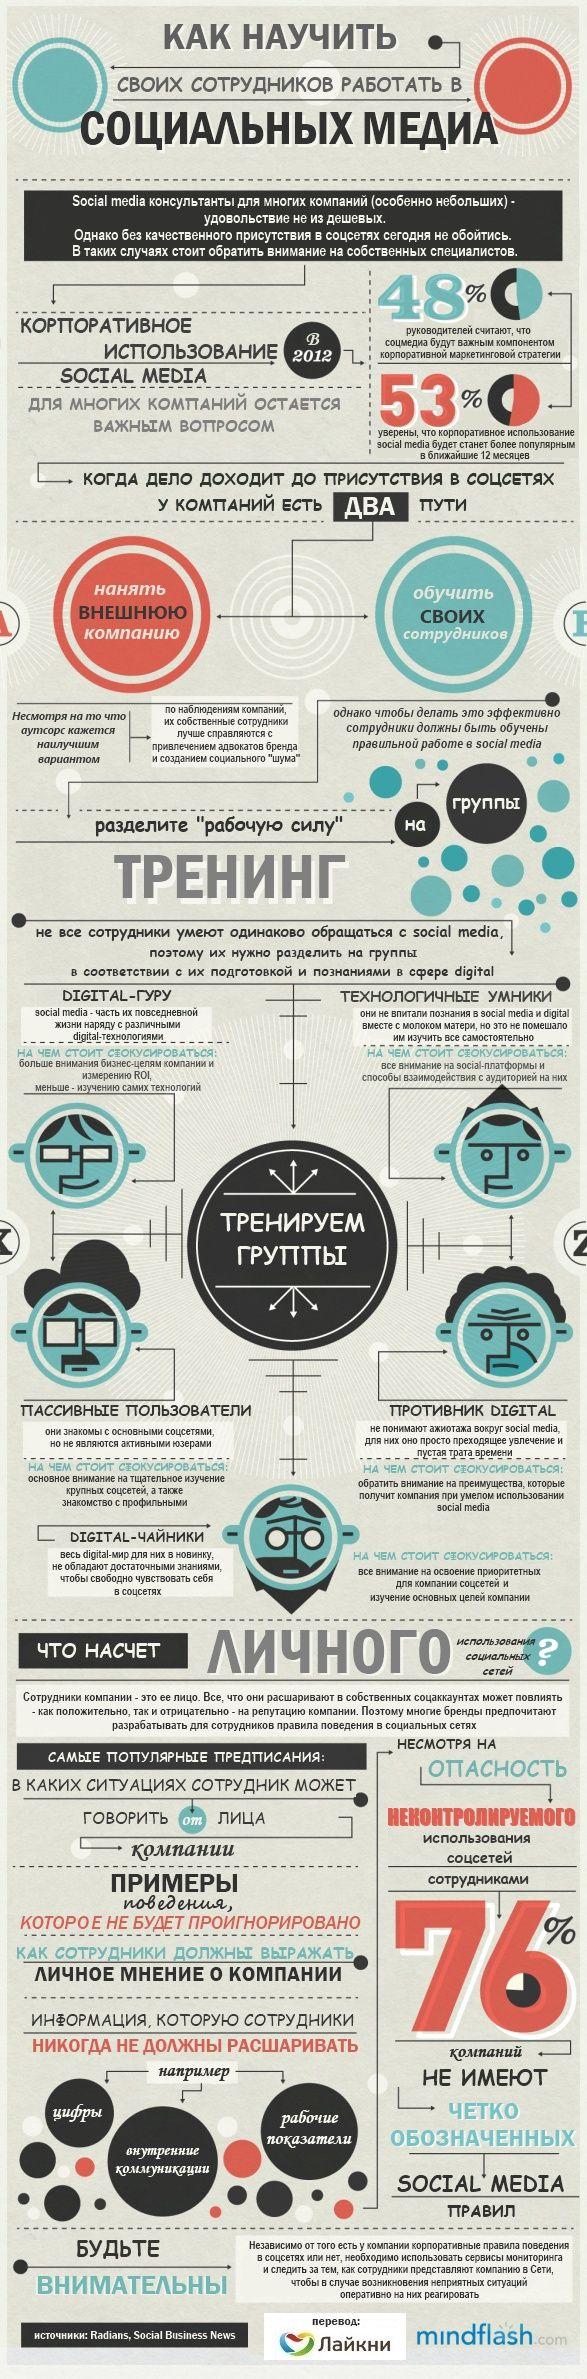 http://statictab.com/yxxo9wo КАК НАУЧИТЬ СВОИХ СОТРУДНИКОВ  РАБОТАТЬ В #SOCIAL MEDIA